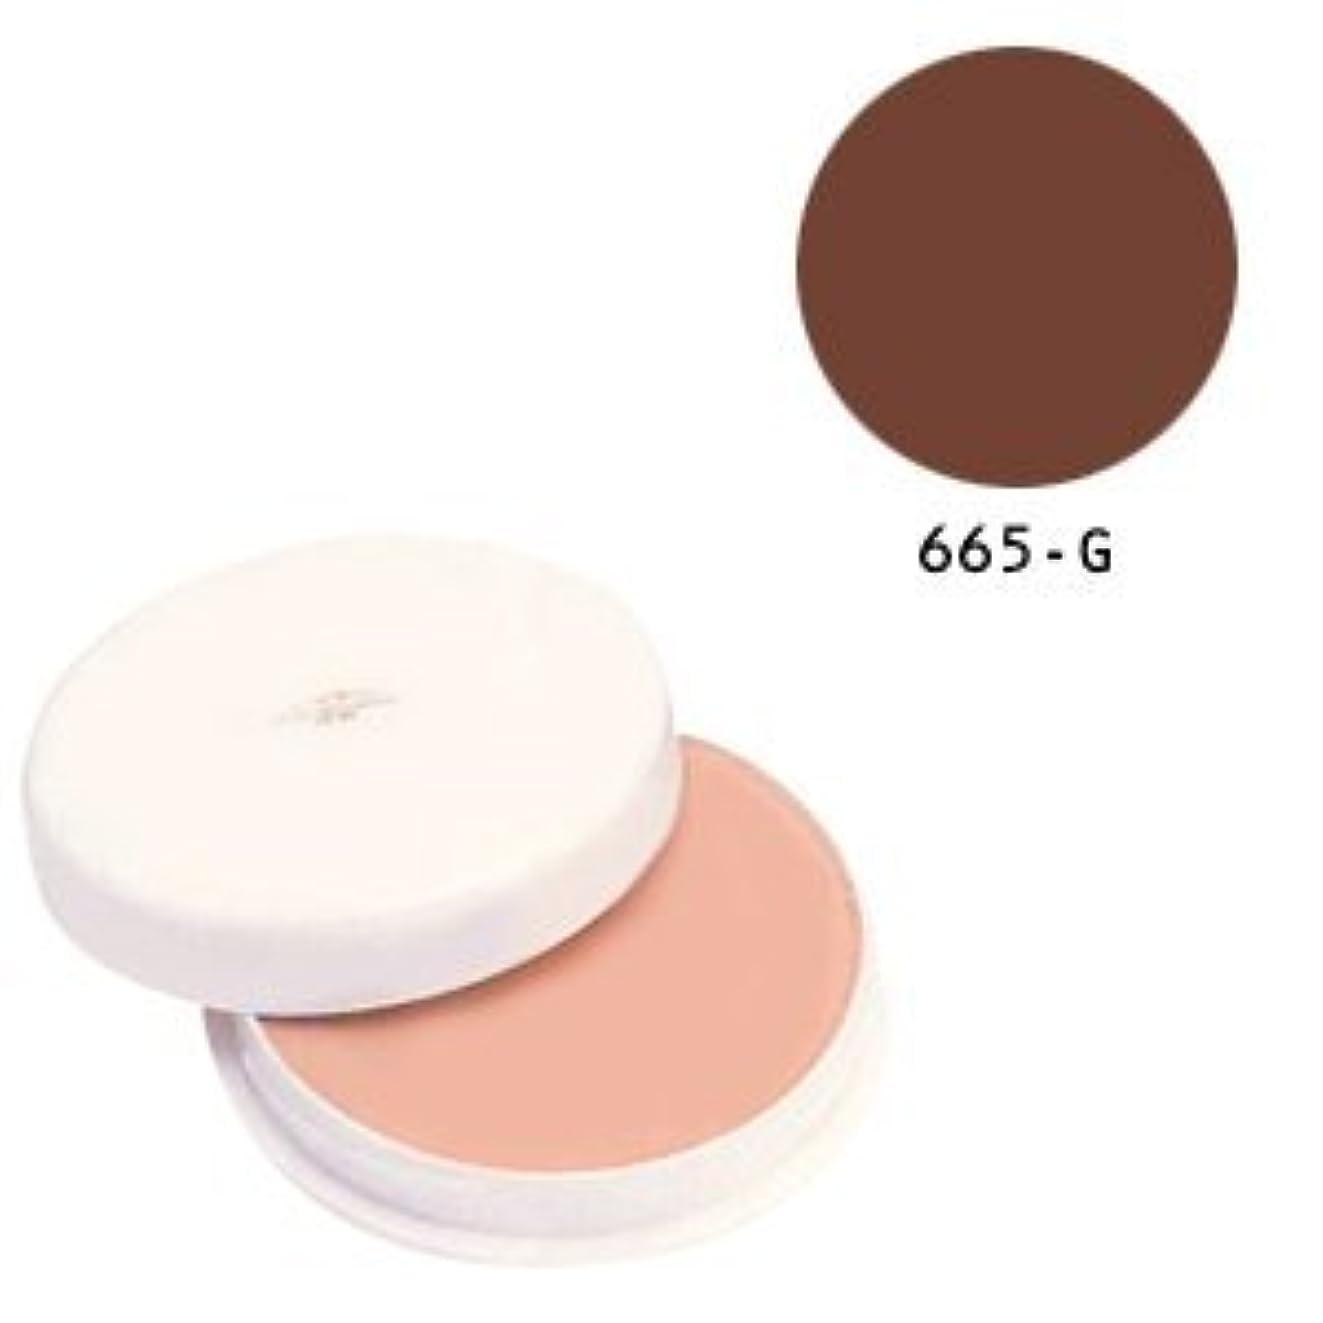 によると乳白色酸化する三善 フェースケーキ ファンデーション コスプレメイク ハロウィンメイク 舞台メイク 665-G #カラー:ブラウン系 (C)